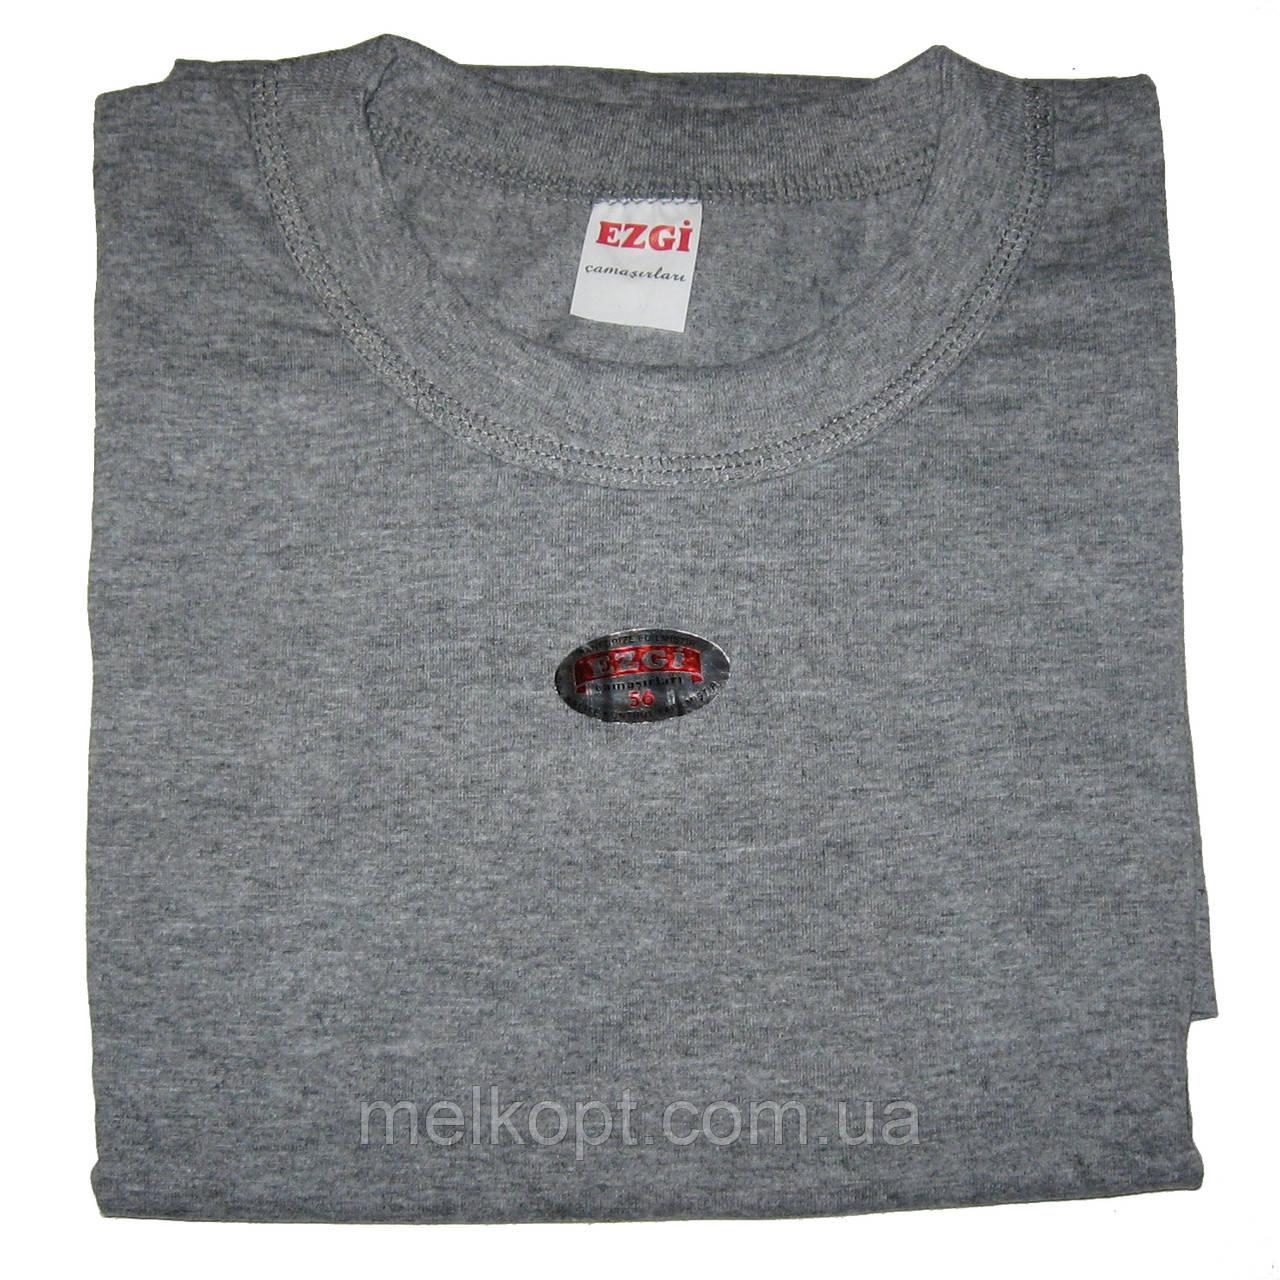 Чоловічі футболки Ezgi - 48,00 грн./шт. (54-й розмір, сірі)